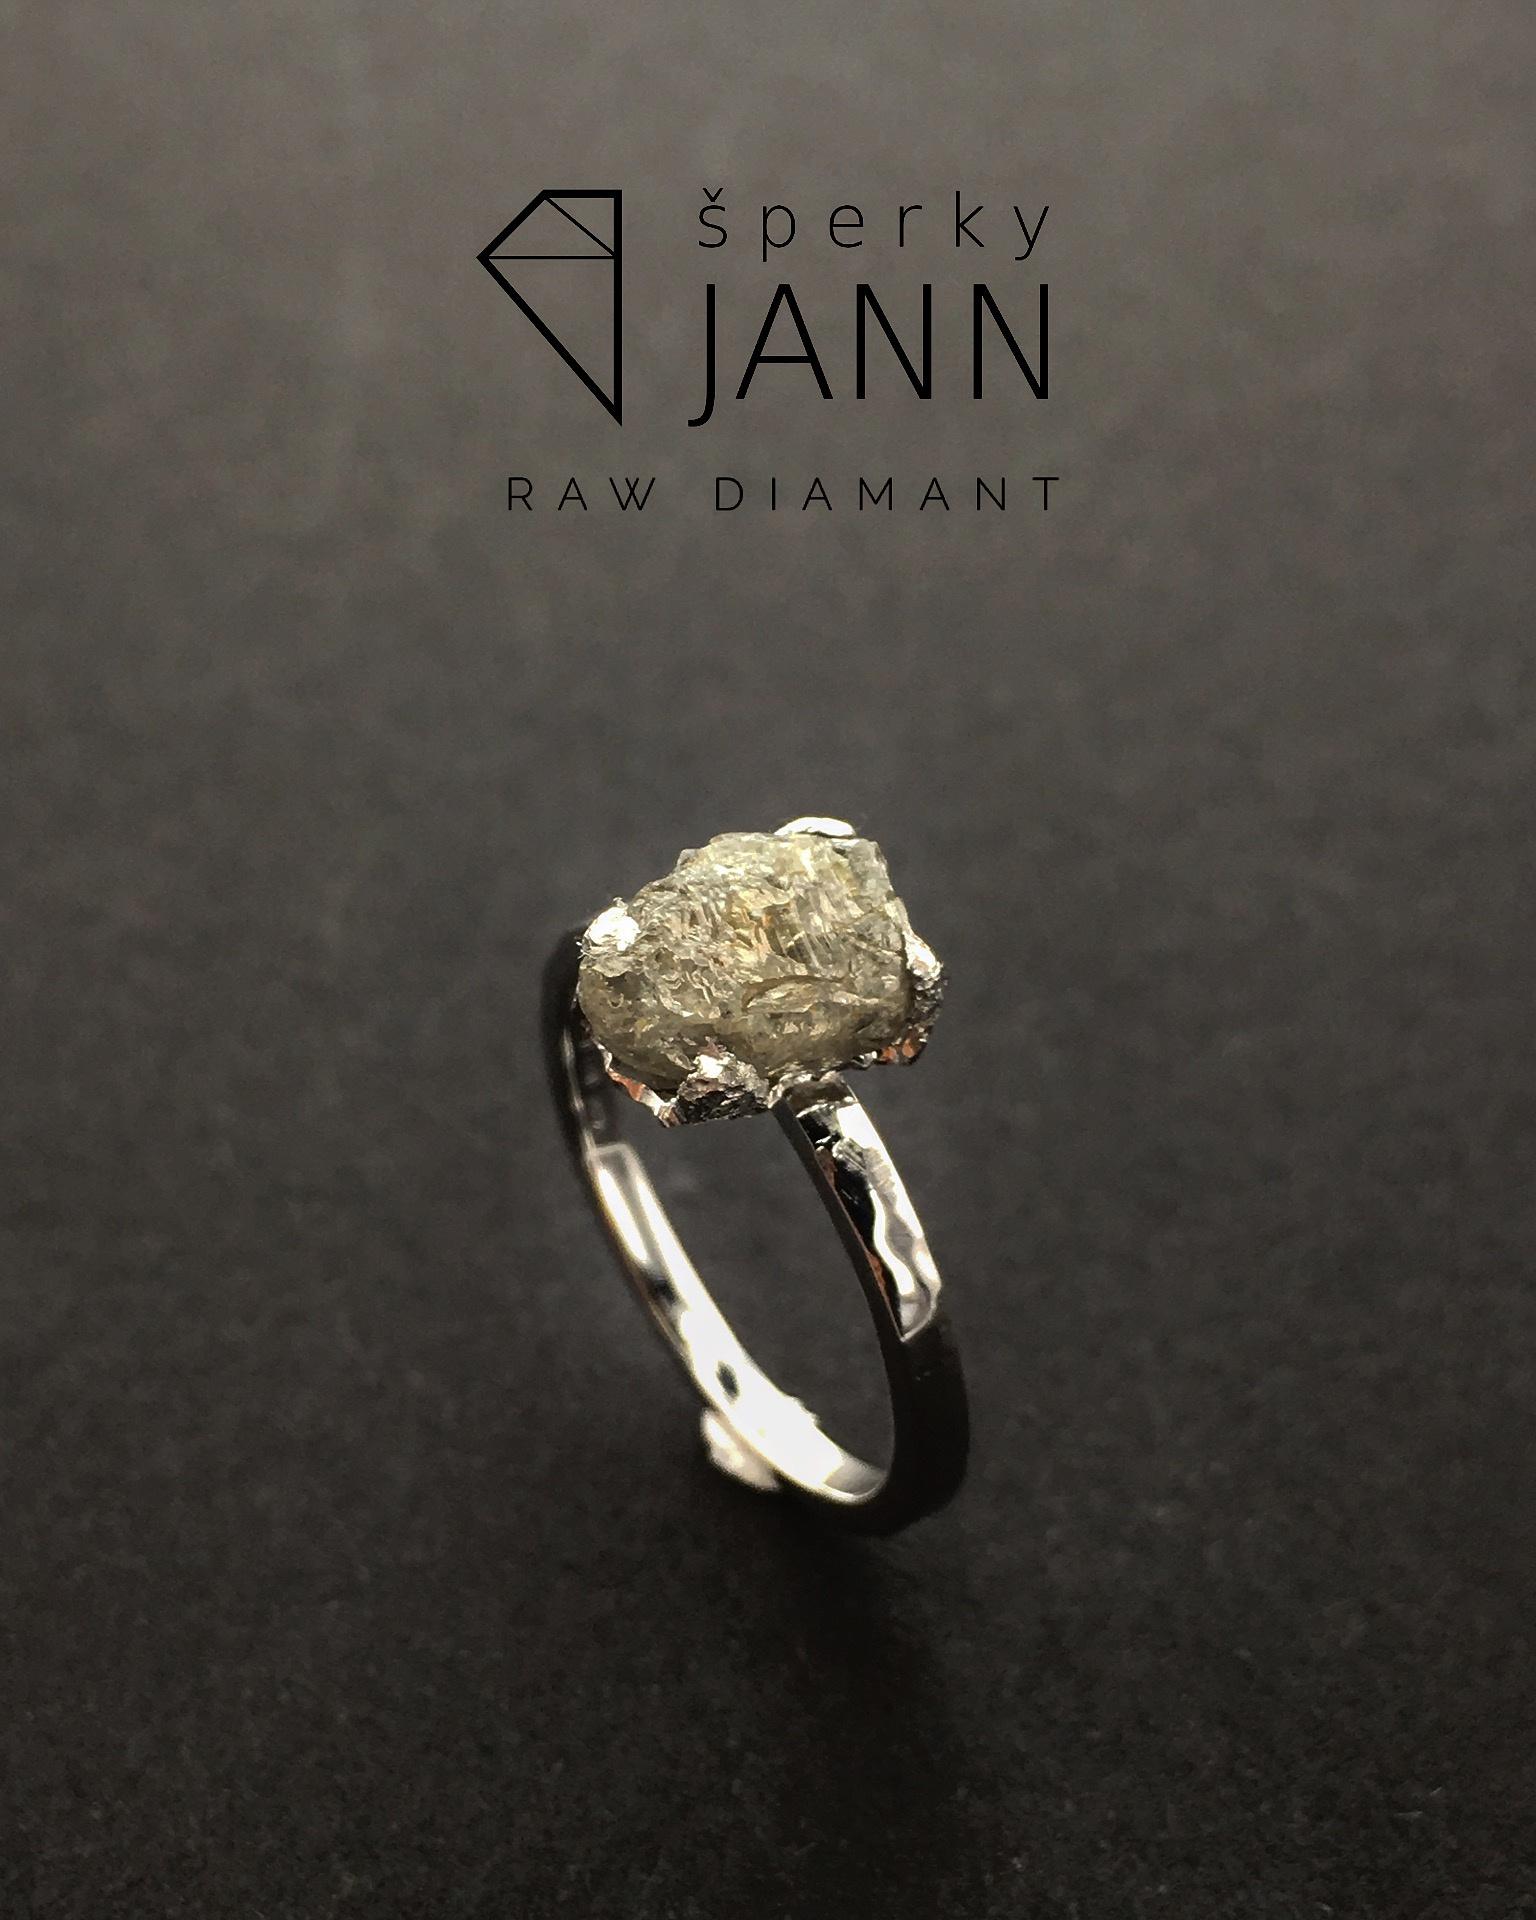 d77110d5c Prsten s Raw Diamantem v bílém zlatě / Zboží prodejce ŠperkyJann ...